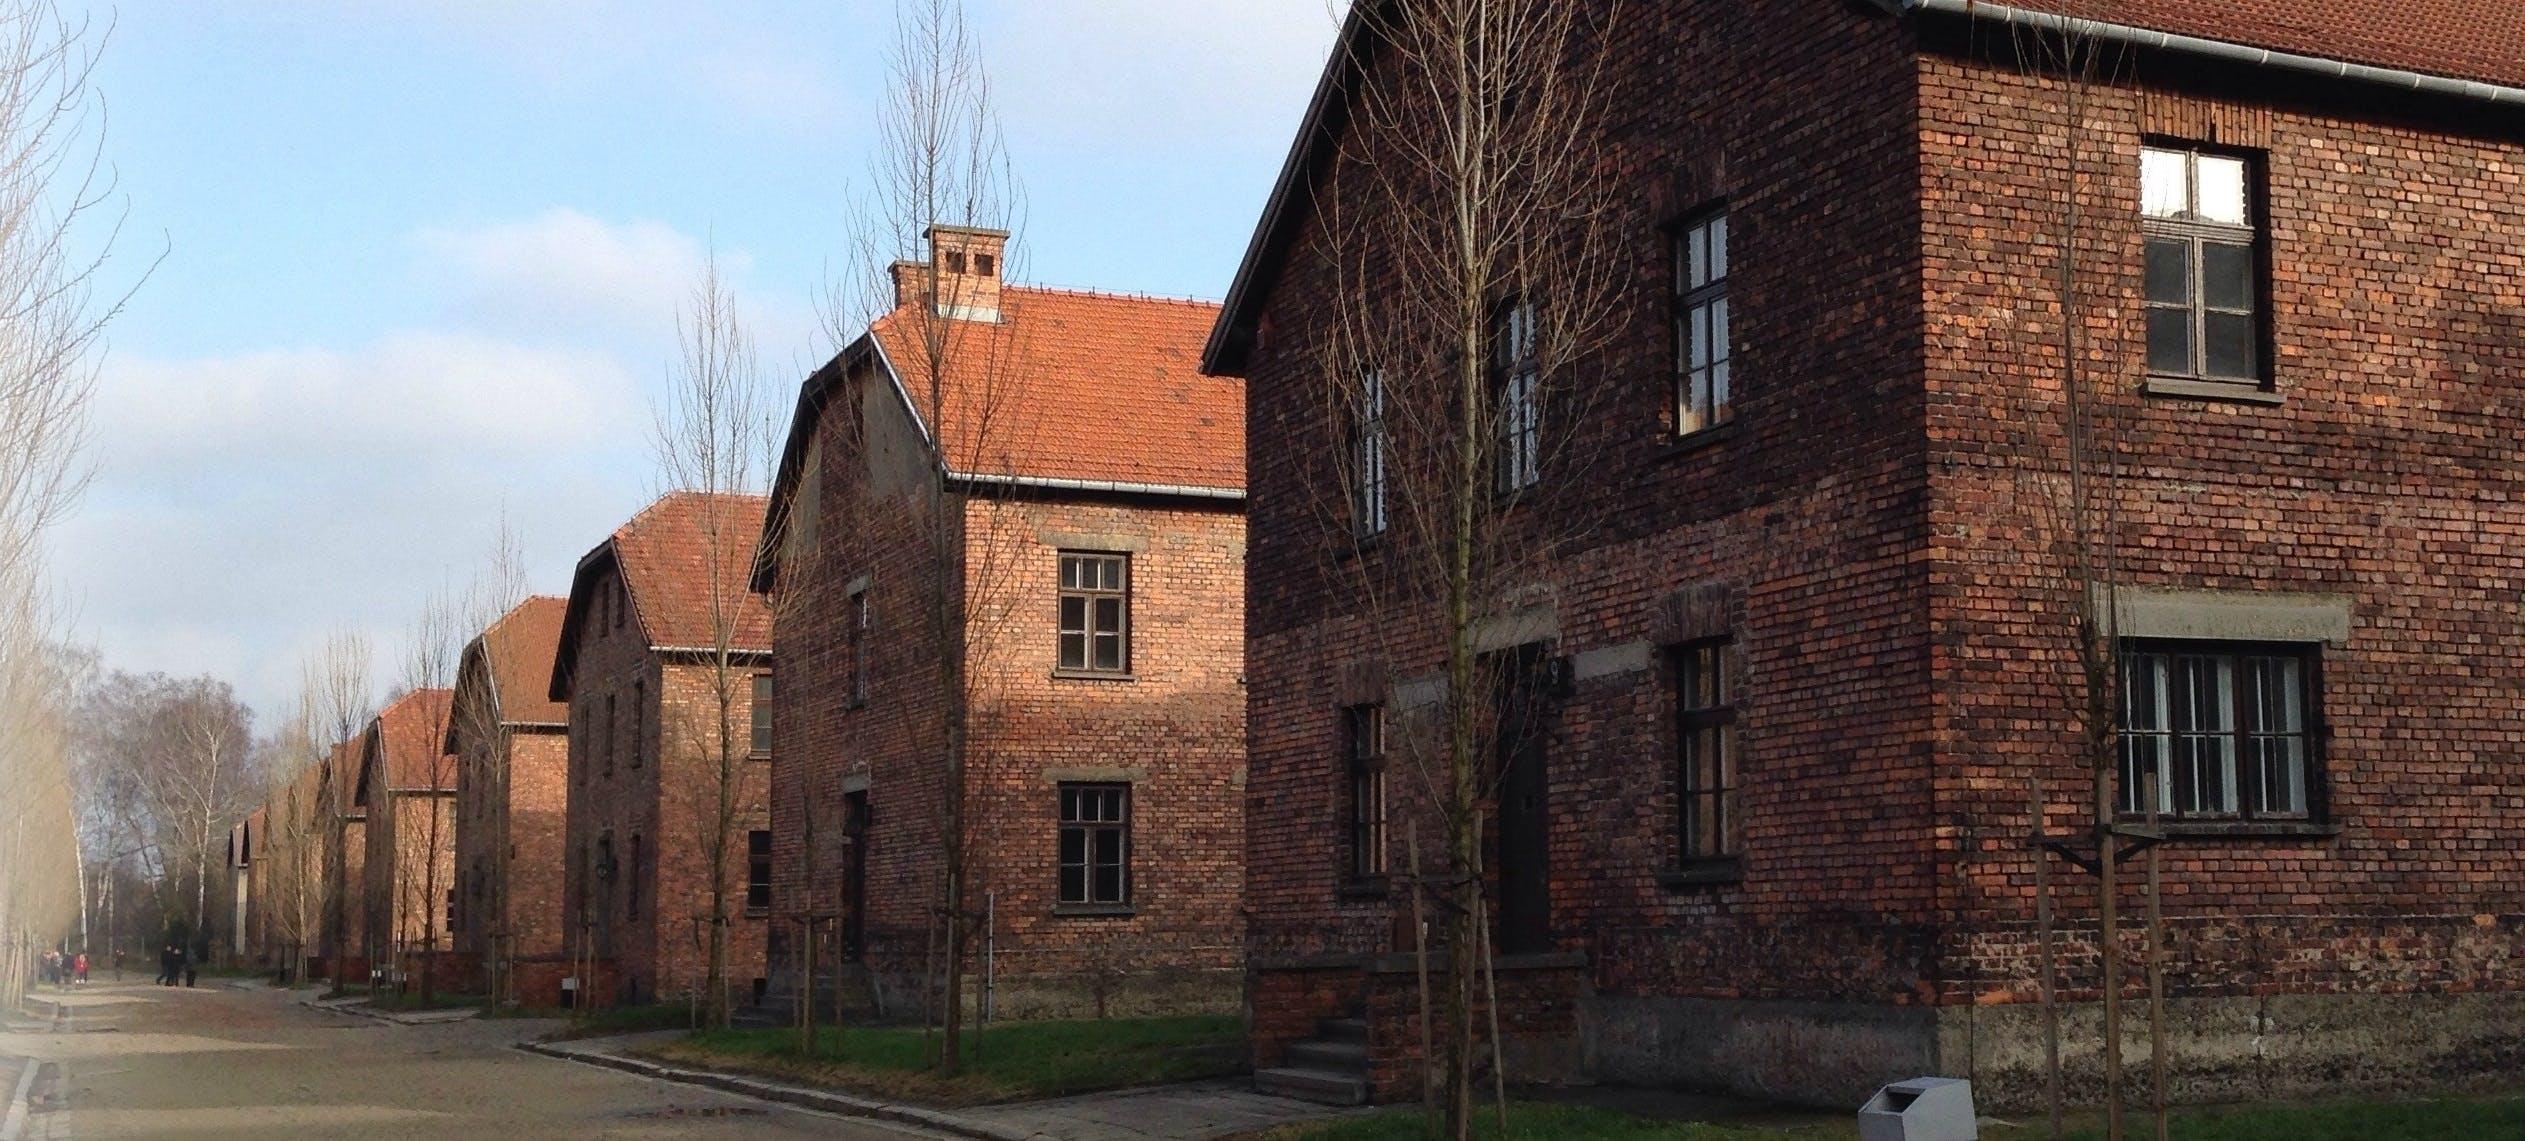 Ver la ciudad,Salir de la ciudad,Tours históricos y culturales,Excursiones de un día,Campo de concentración de Auschwitz,Visita a Auschwitz